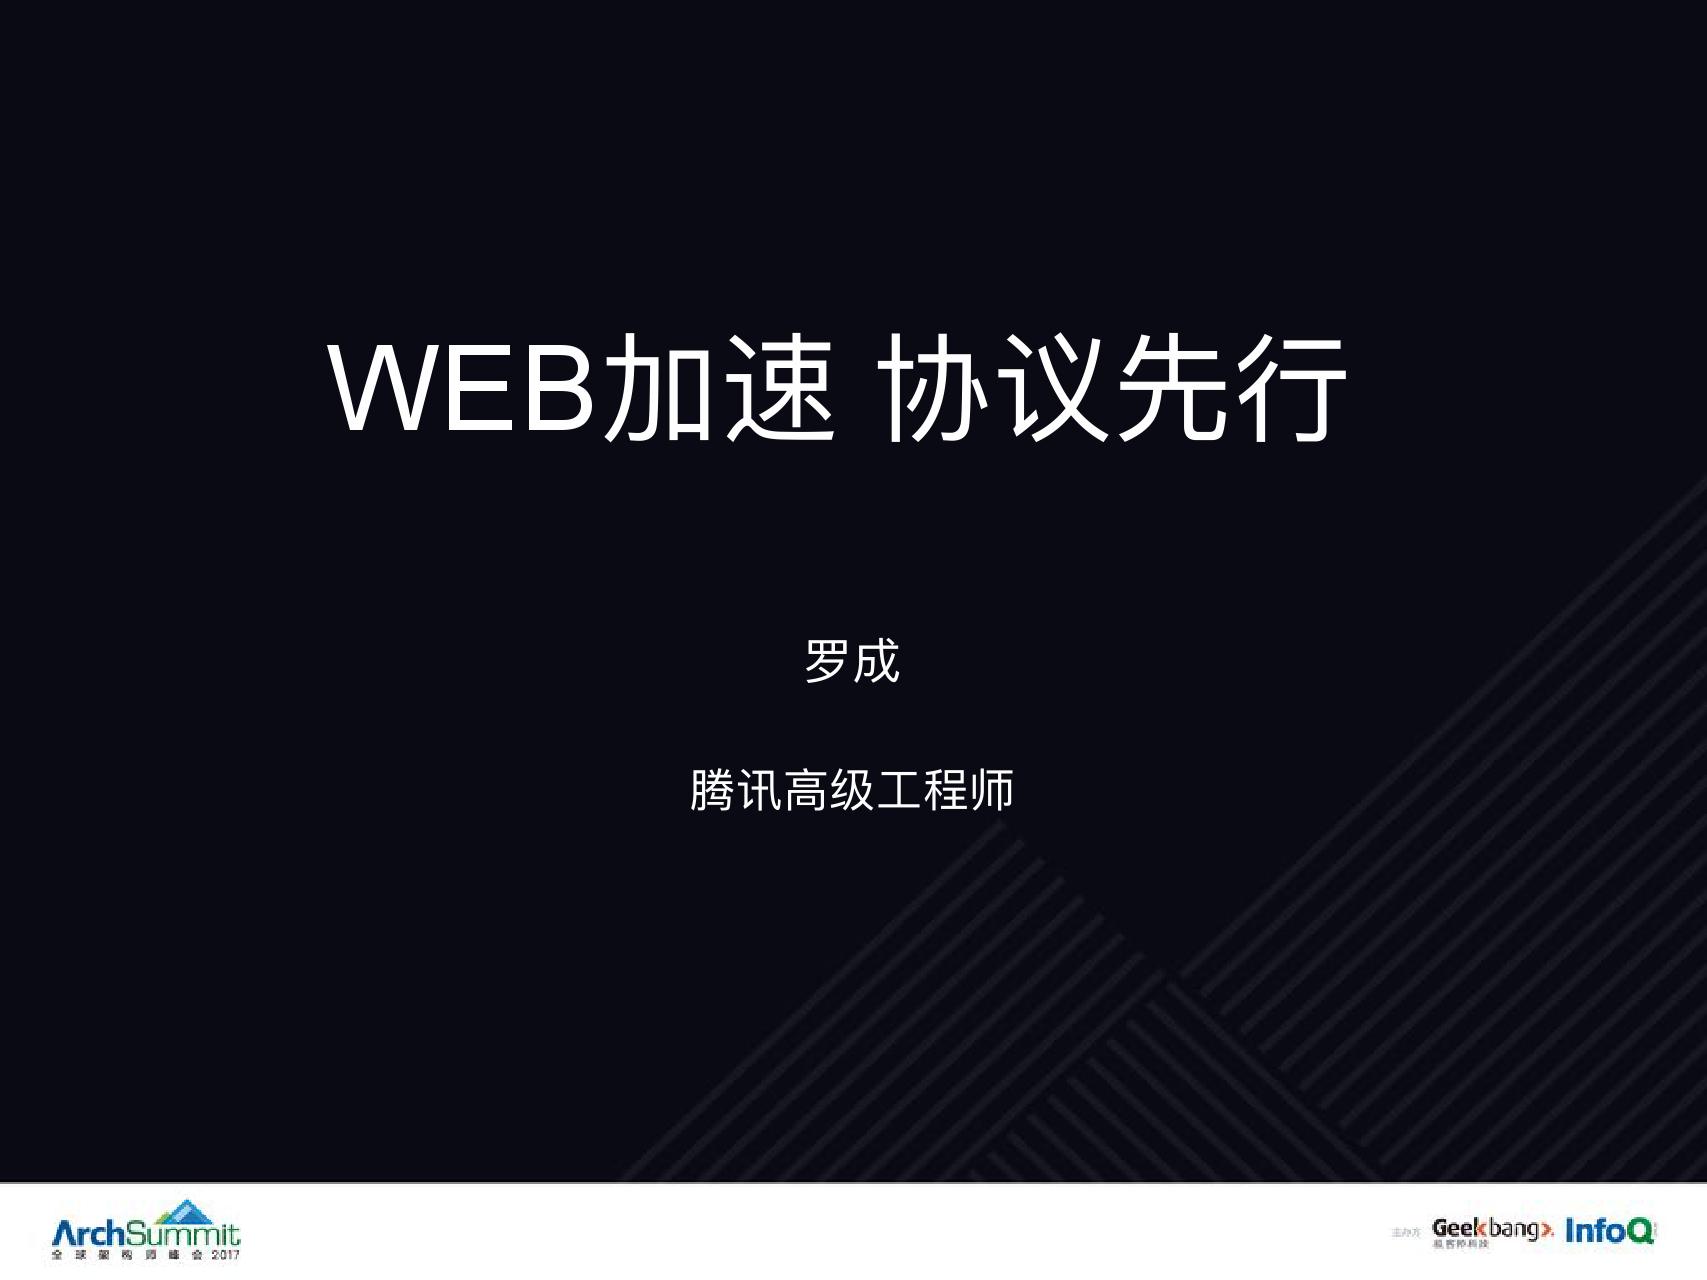 罗成-WEB加速 协议先行